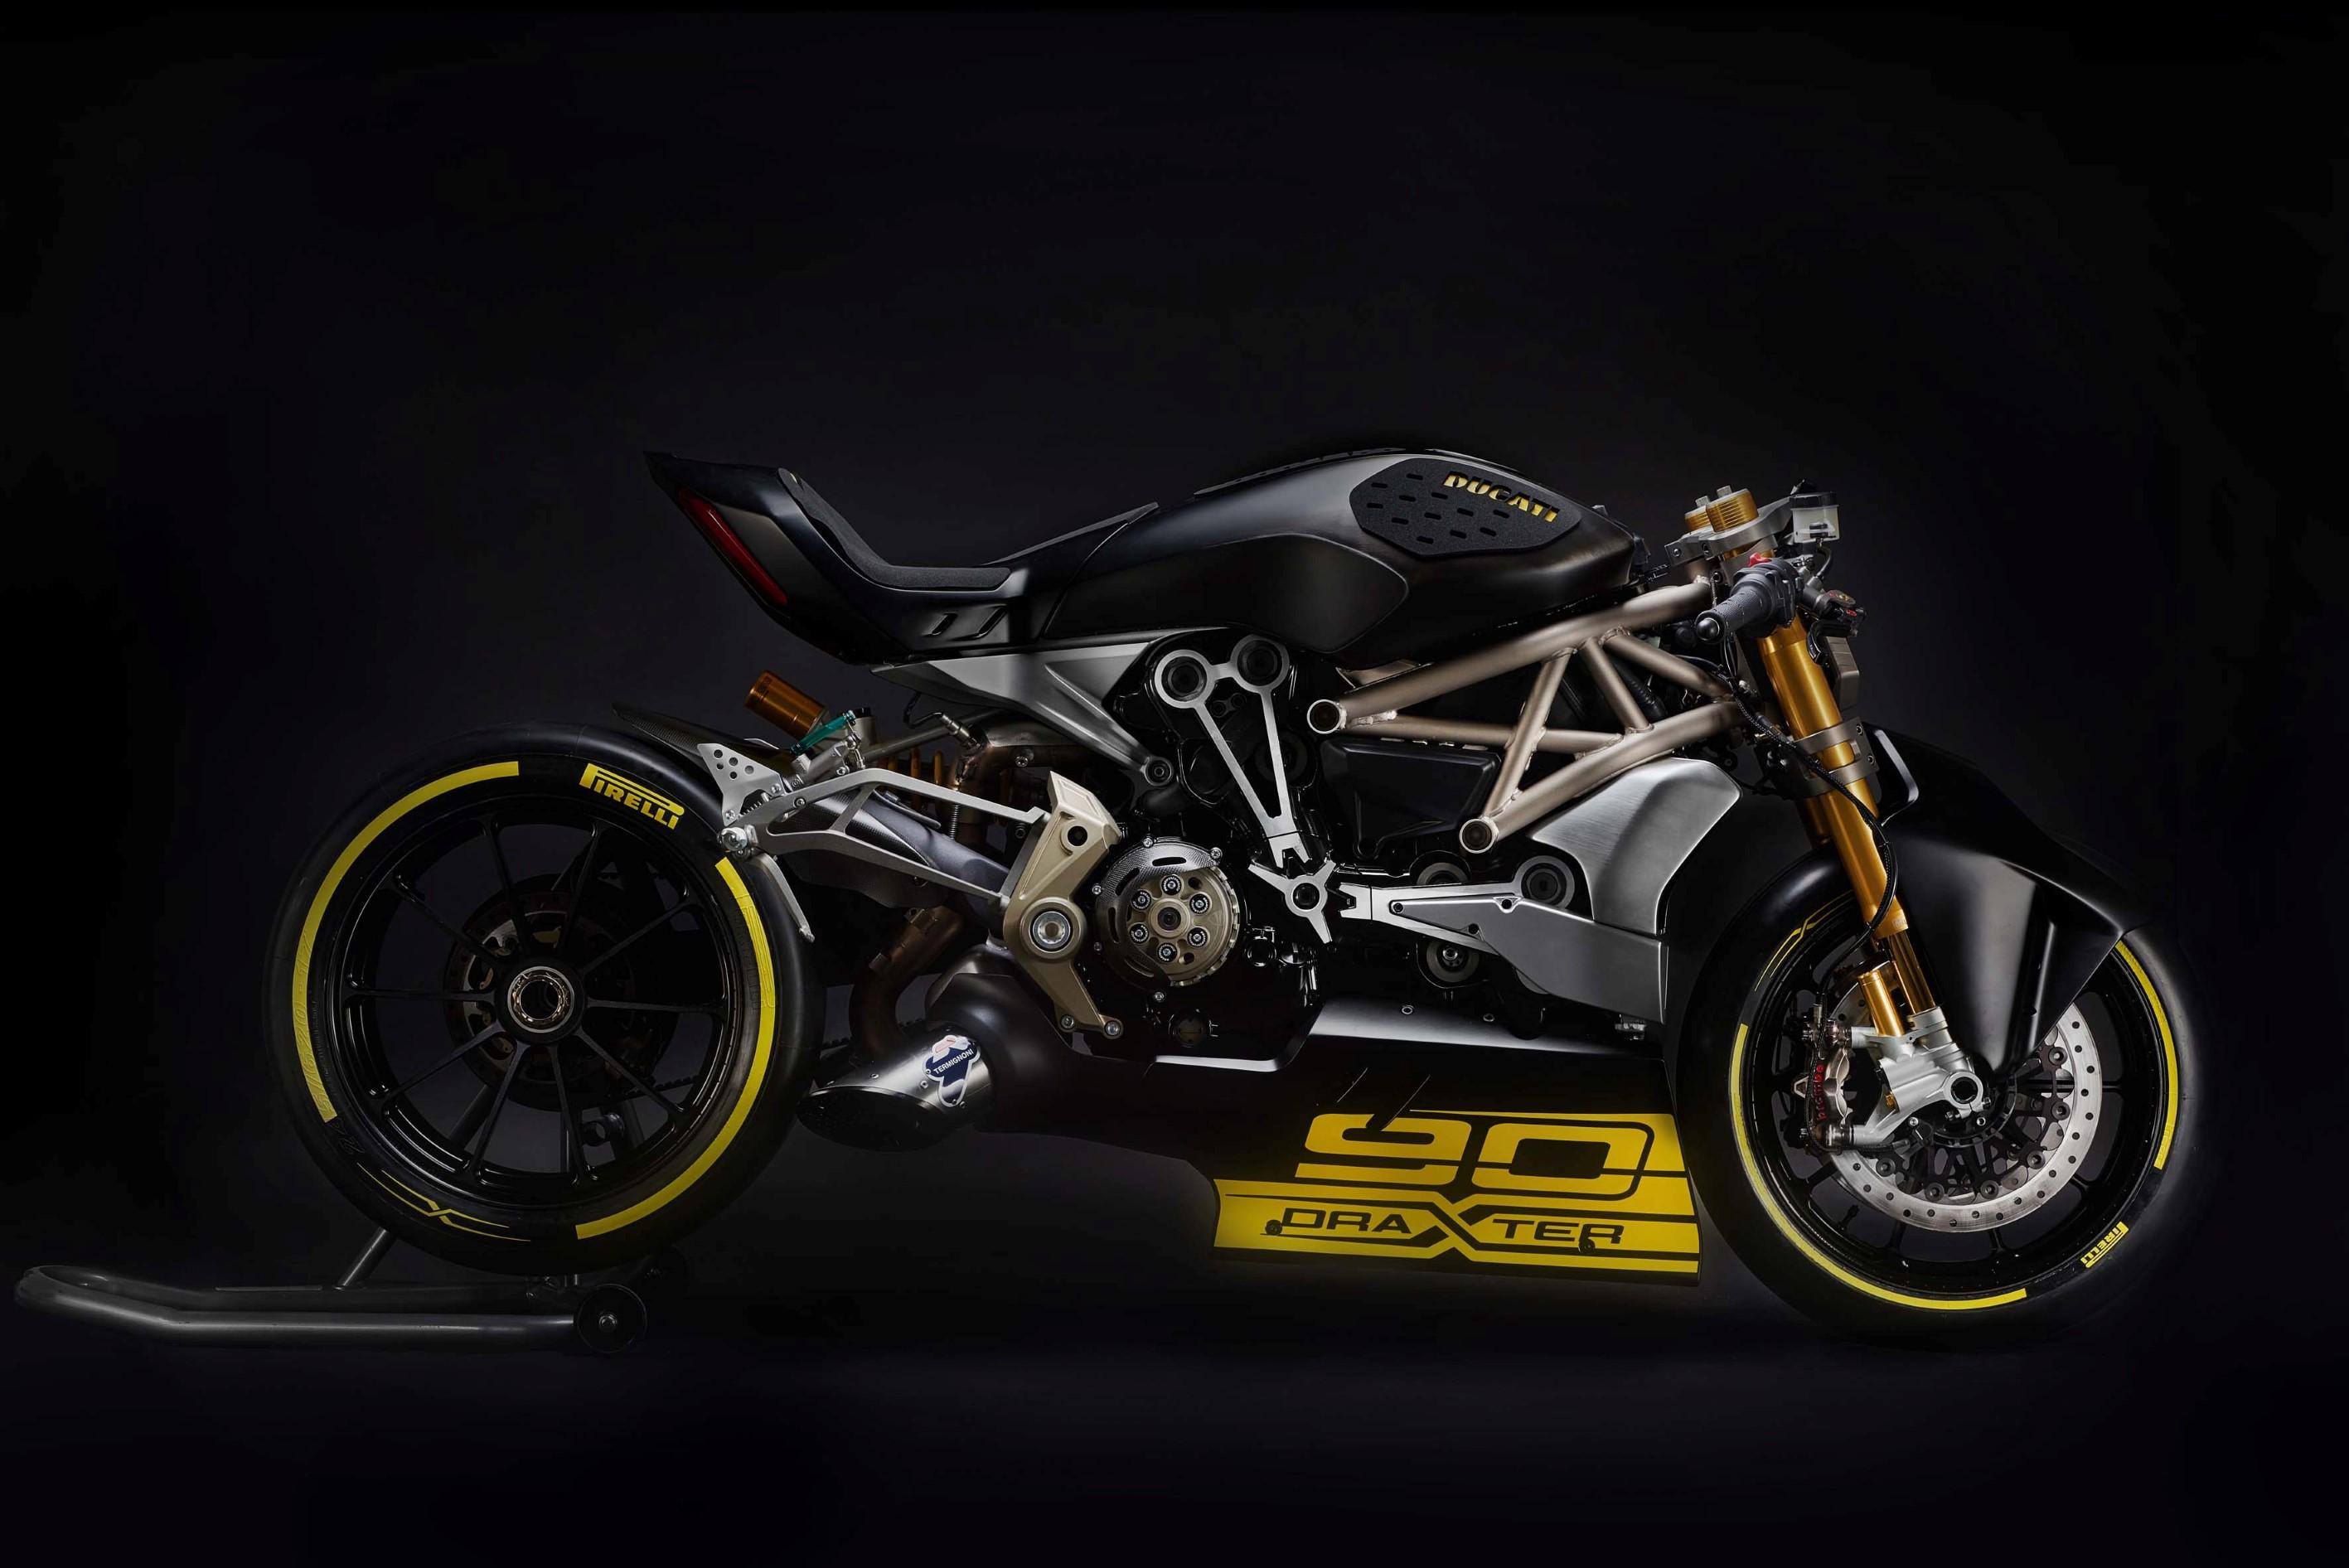 Ducati-draXter-Concept-01